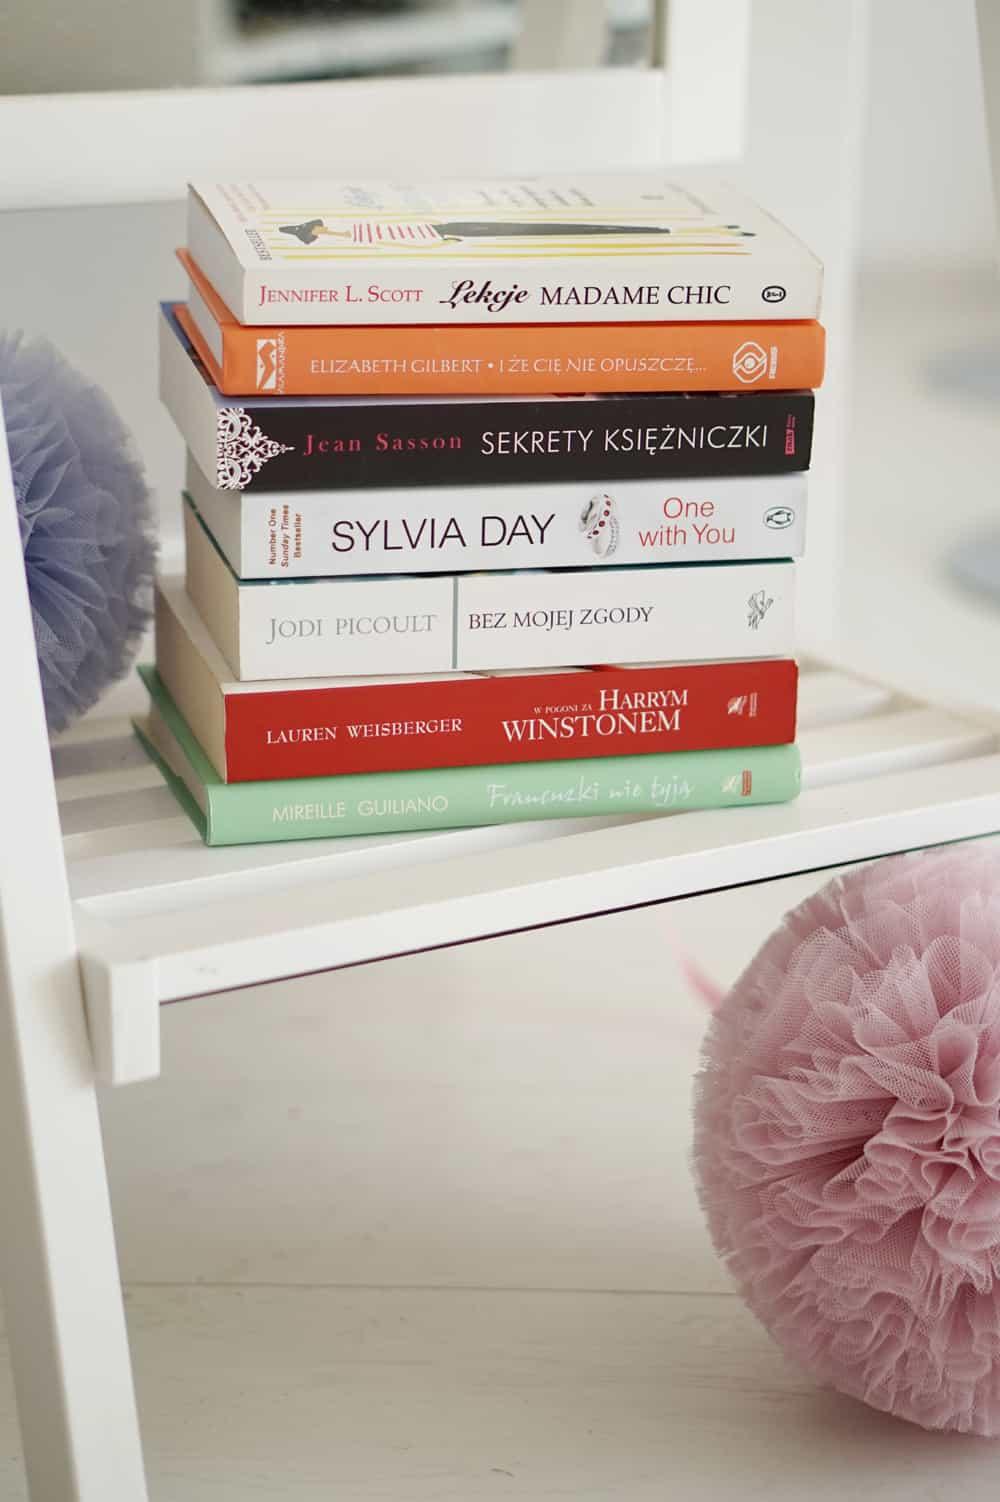 Moja jesienna lista książek czyli co planuję przeczytać w październiku?